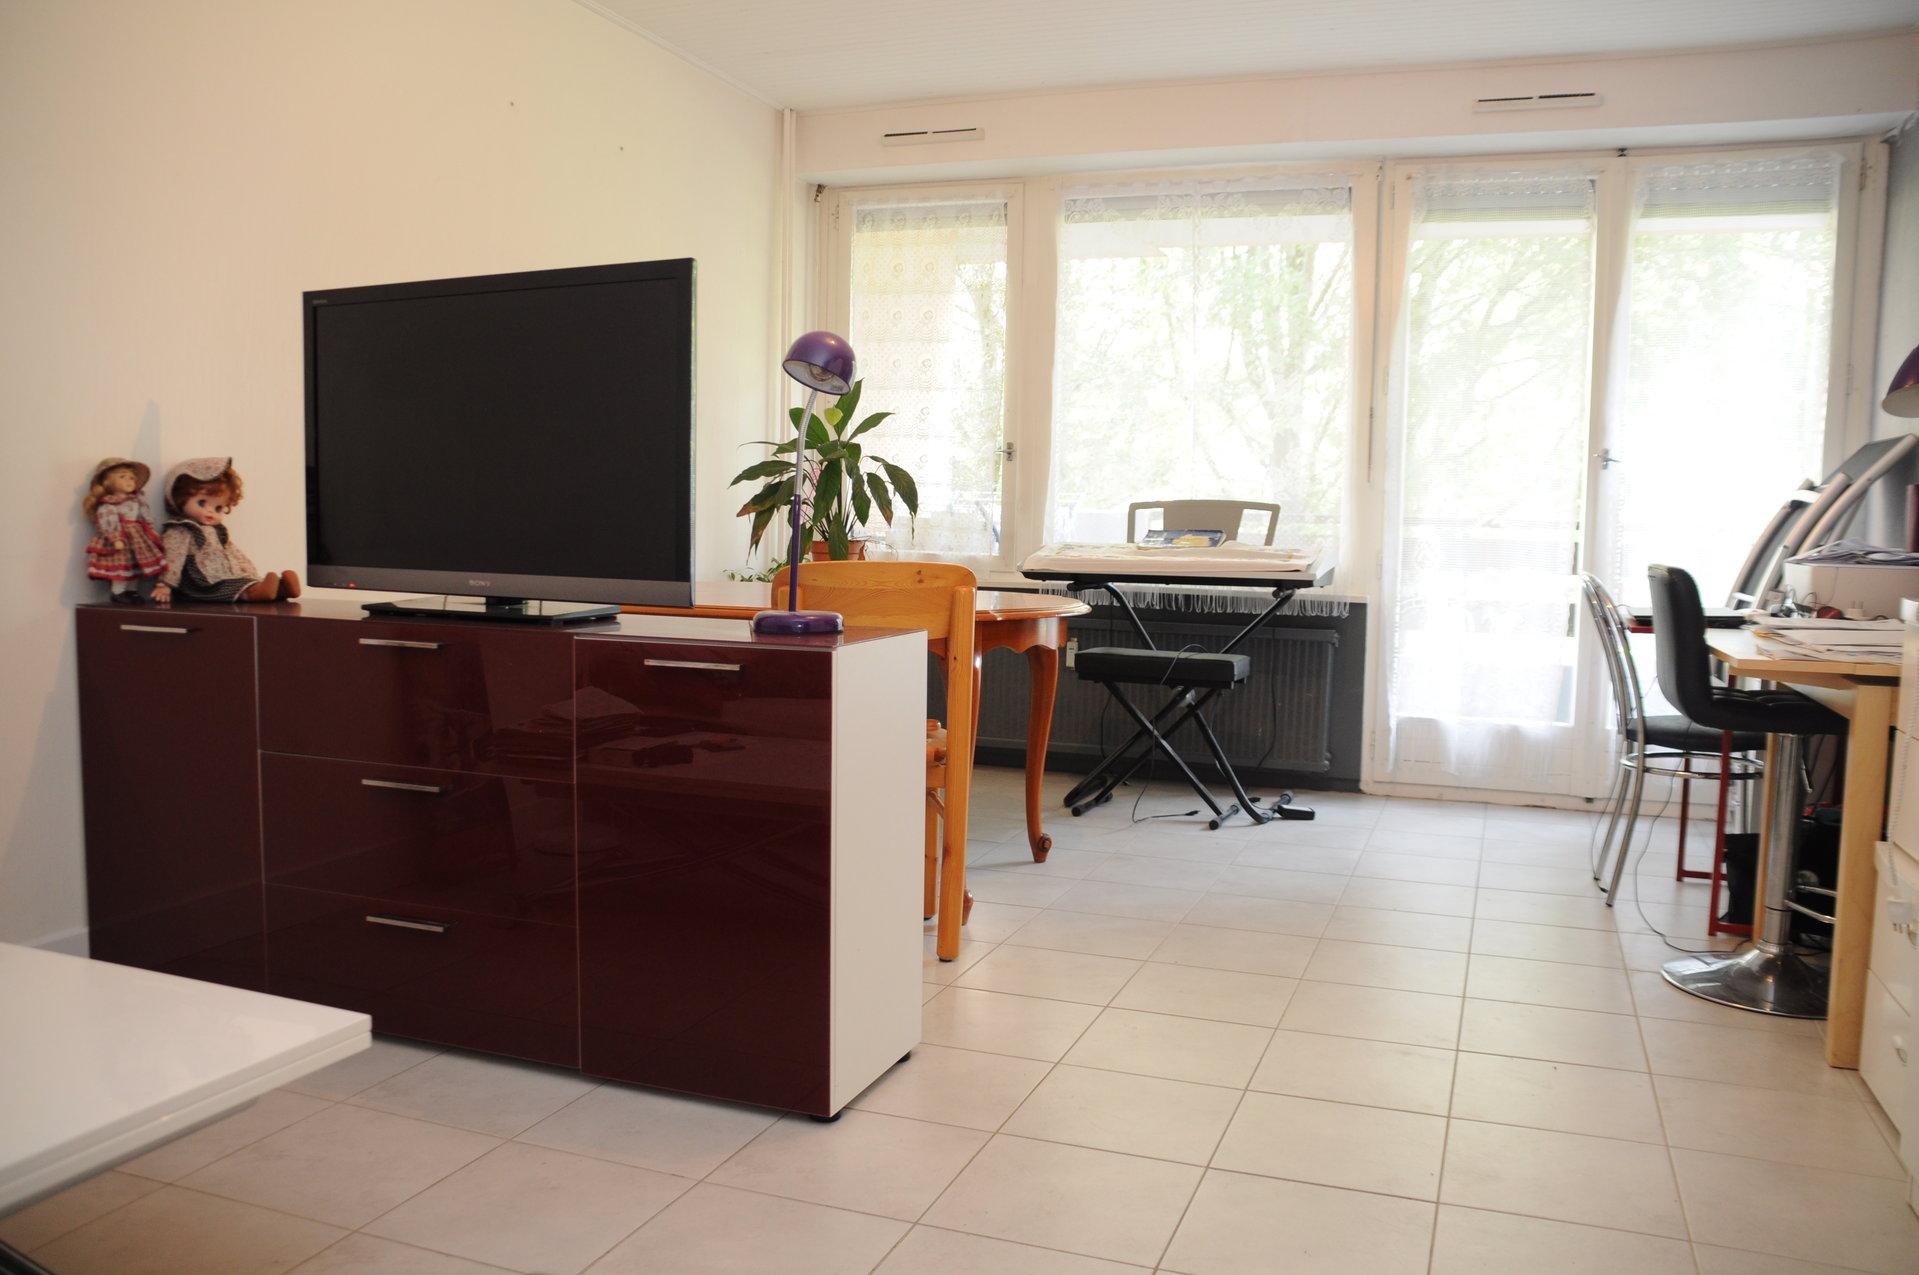 Sale Apartment - Étrembières Pas de l'Échelle